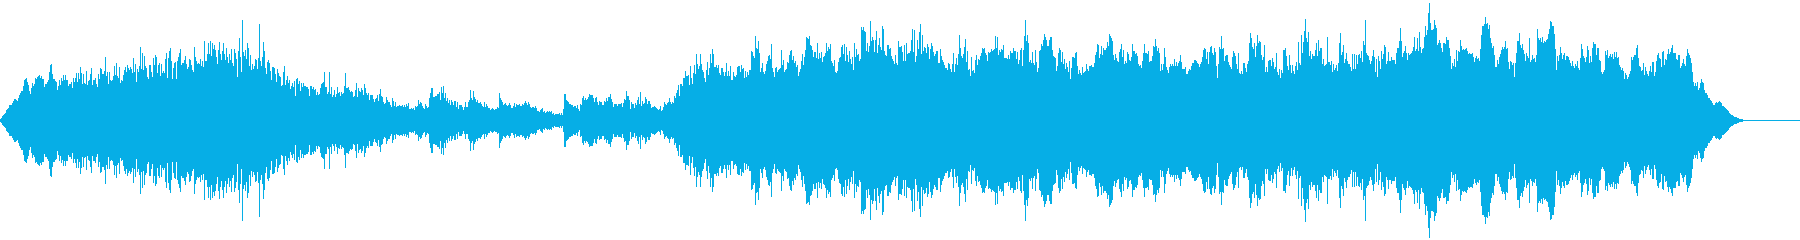 Rhythmic Middle E...の再生済みの波形